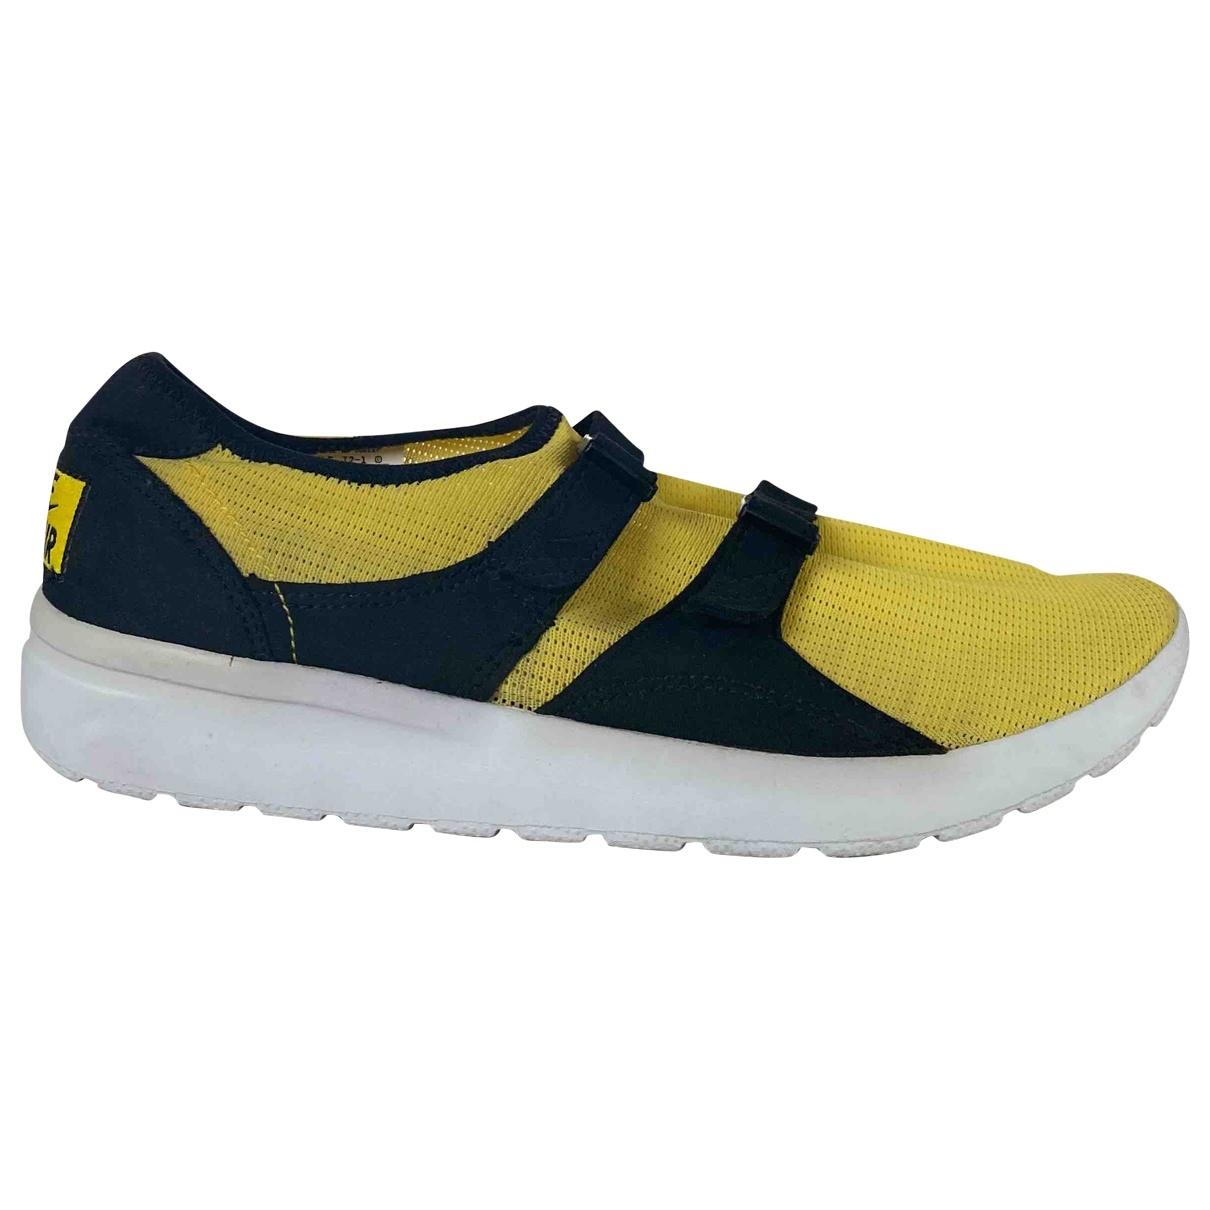 Nike - Baskets   pour homme en toile - jaune